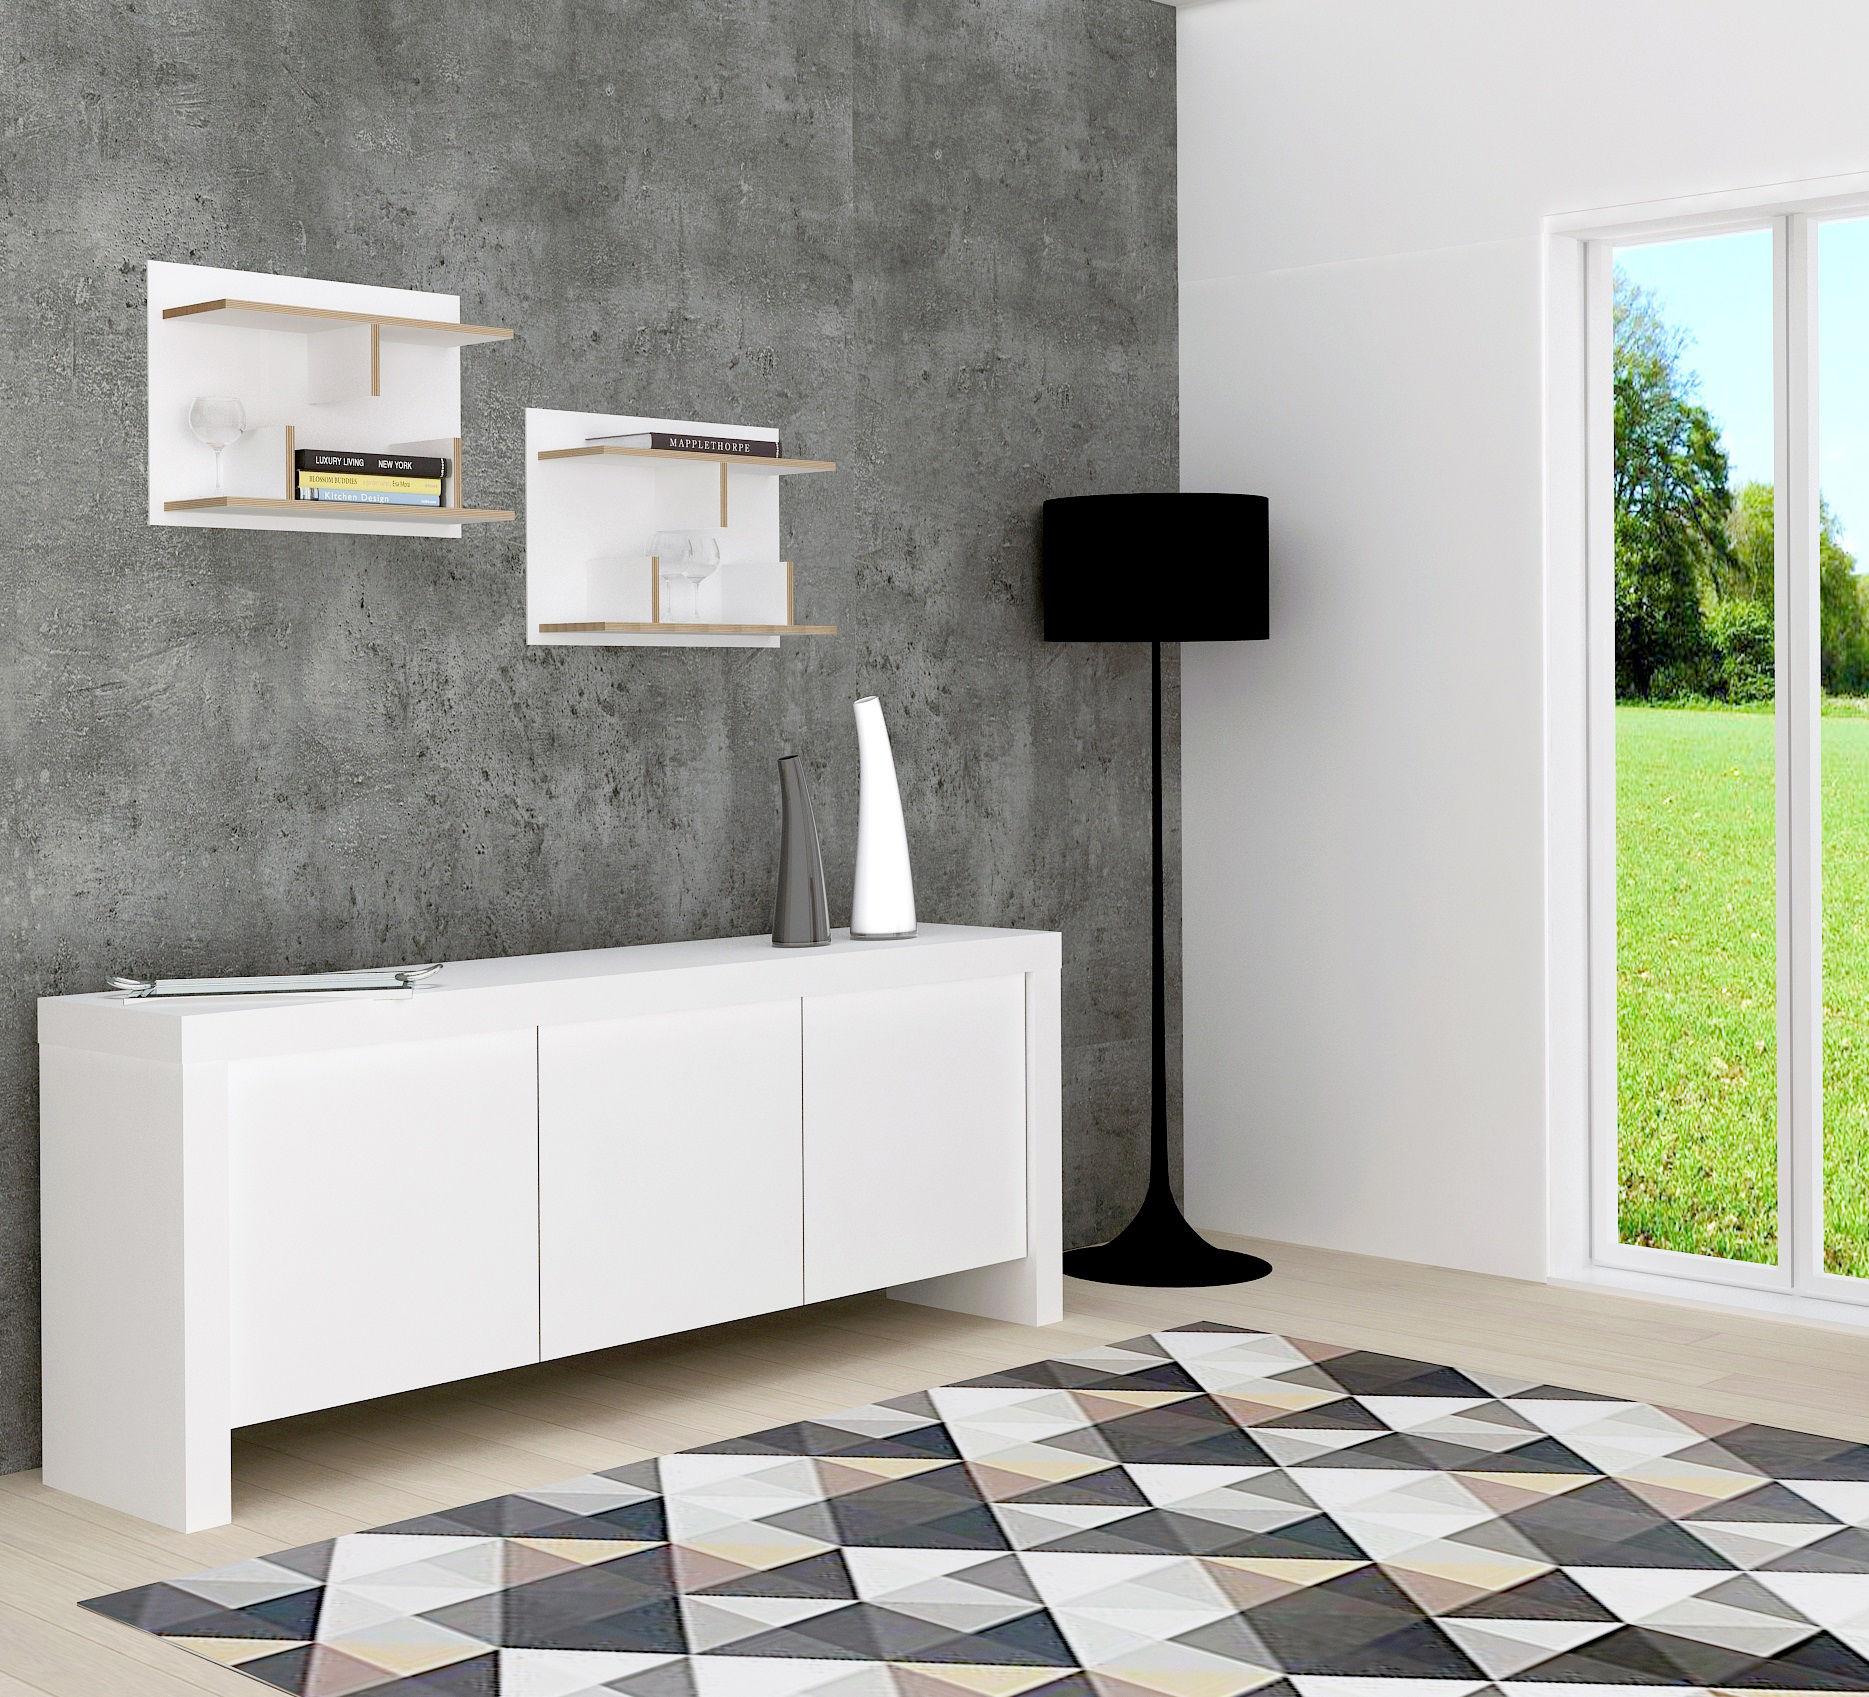 etag re rack l 60 x h 45 cm noir tranches bois pop up home. Black Bedroom Furniture Sets. Home Design Ideas